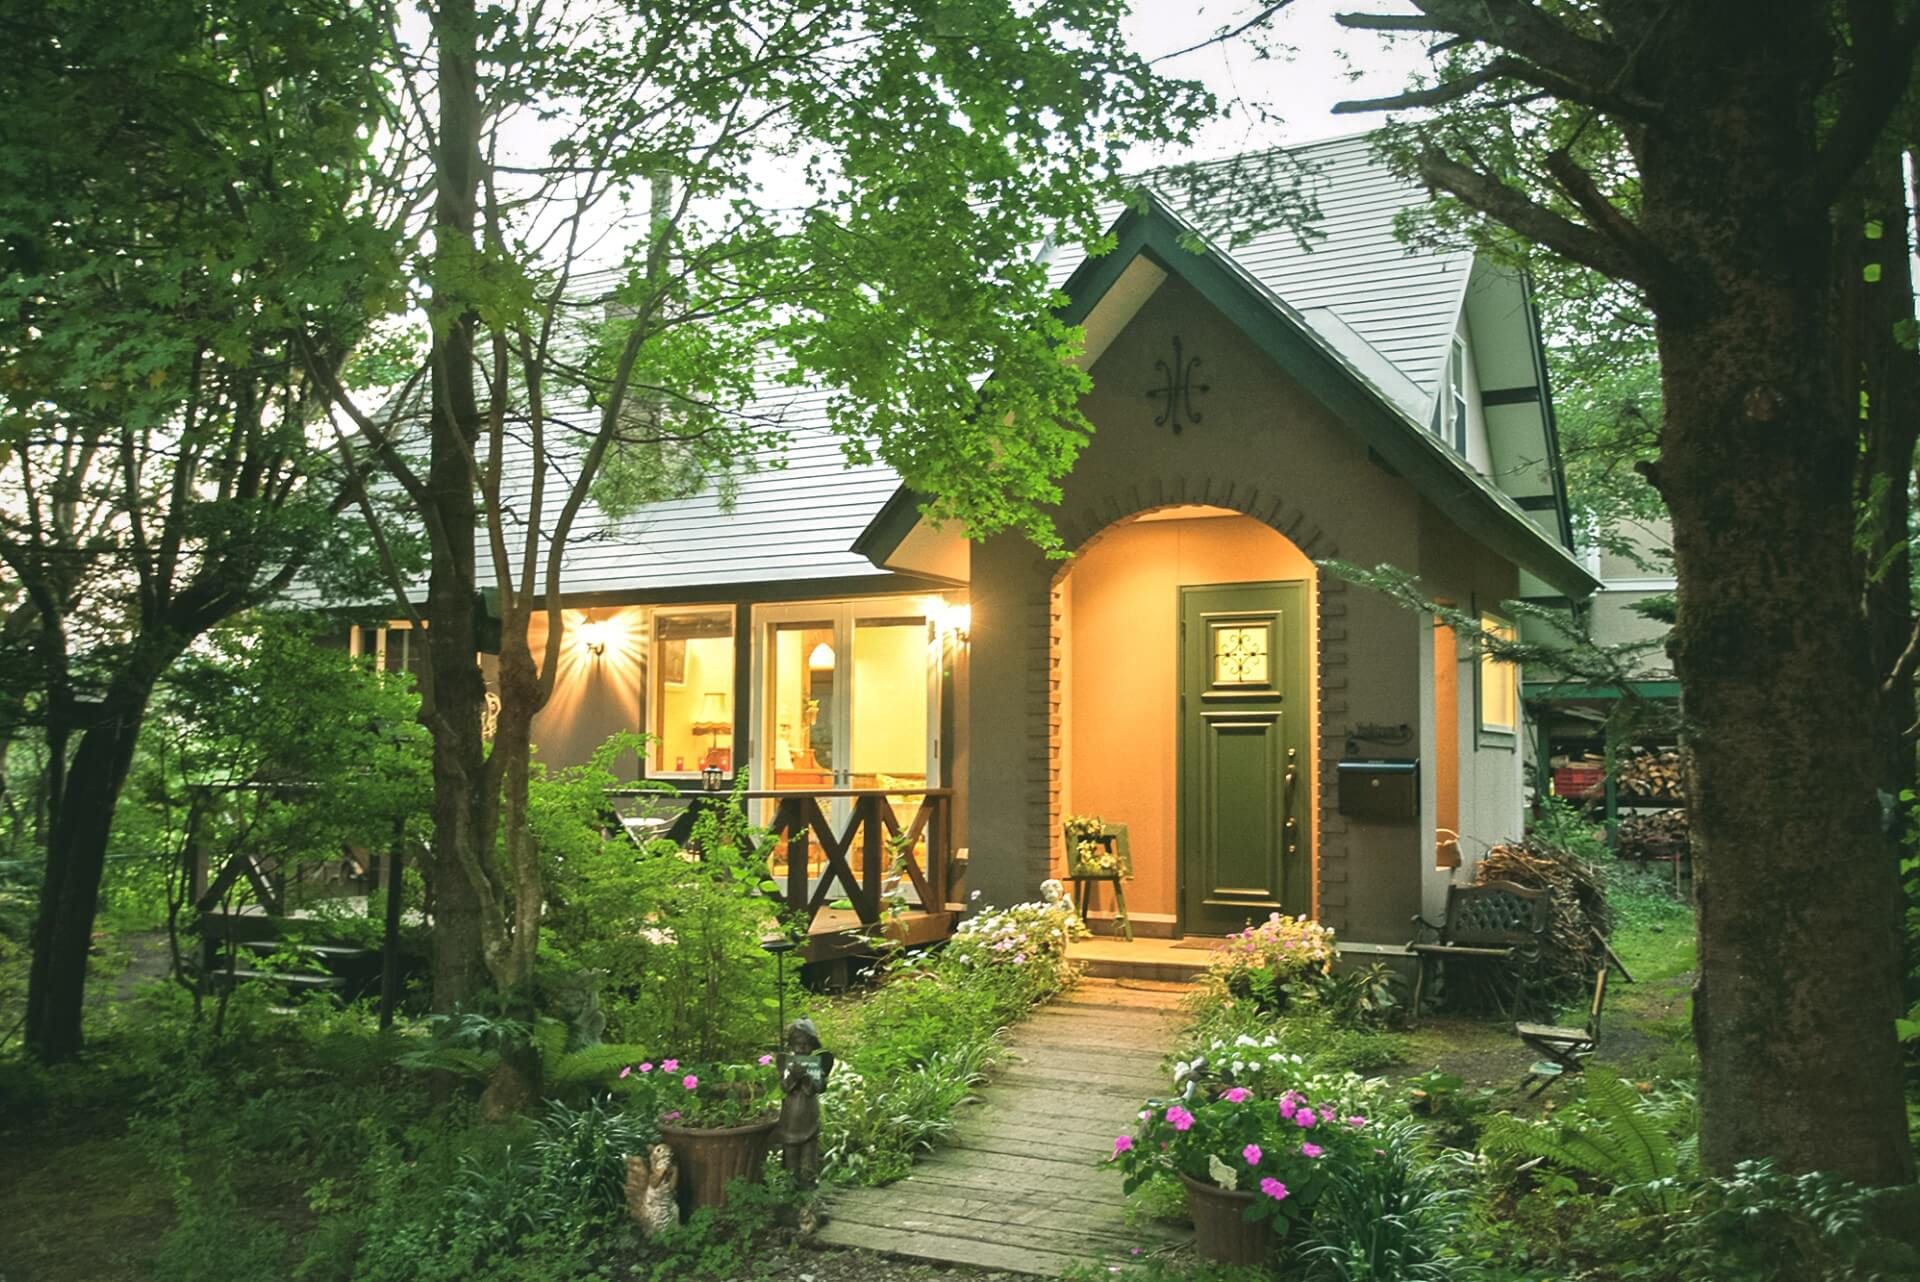 夕暮れになると家の灯りがあたたかく燈って、軽井沢の自然とやさしく調和する